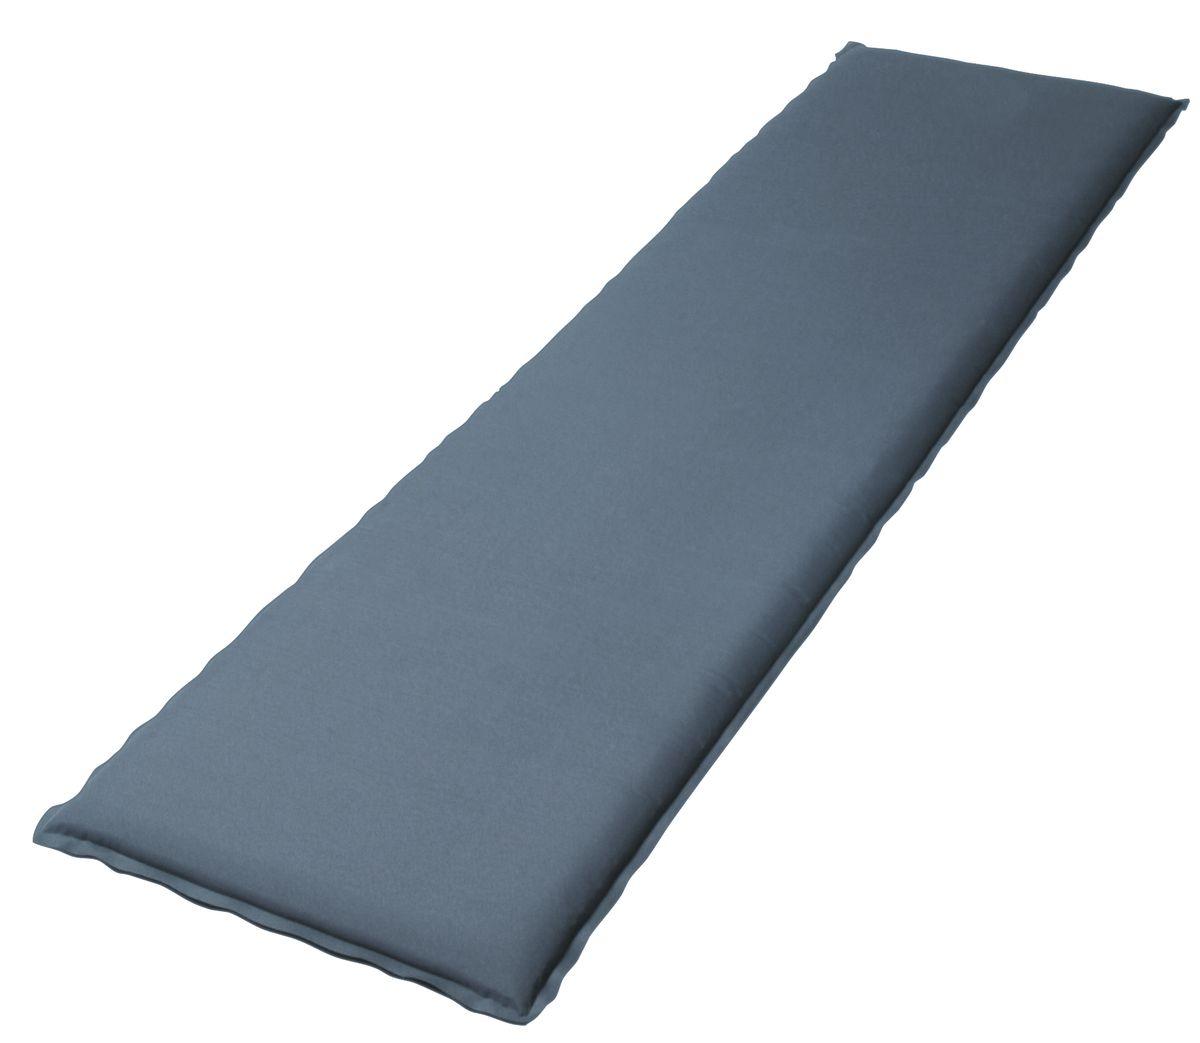 Коврик самонадувающийся Bayard Selfi L 38, цвет: серый, черный, 198 см х 63,5 см х 3,8 см015901Самонадувающийся коврик Bayard Selfi L 38 - идеальный выбор для туризма, отдыха и занятия спортом. Особенности коврика: Быстрое надувание коврика за счет использования высококачественного вспененного наполнителя; Дополнительные каналы в наполнителе для уменьшения веса и повышения теплоизоляции; Отличная защита от сырости и холода земли; Прочное, моющееся внешнее покрытие; Комфорт при использовании на любом типе поверхности; Можно использовать как запасное спальное место для запозднившегося гостя; Склейка полная.